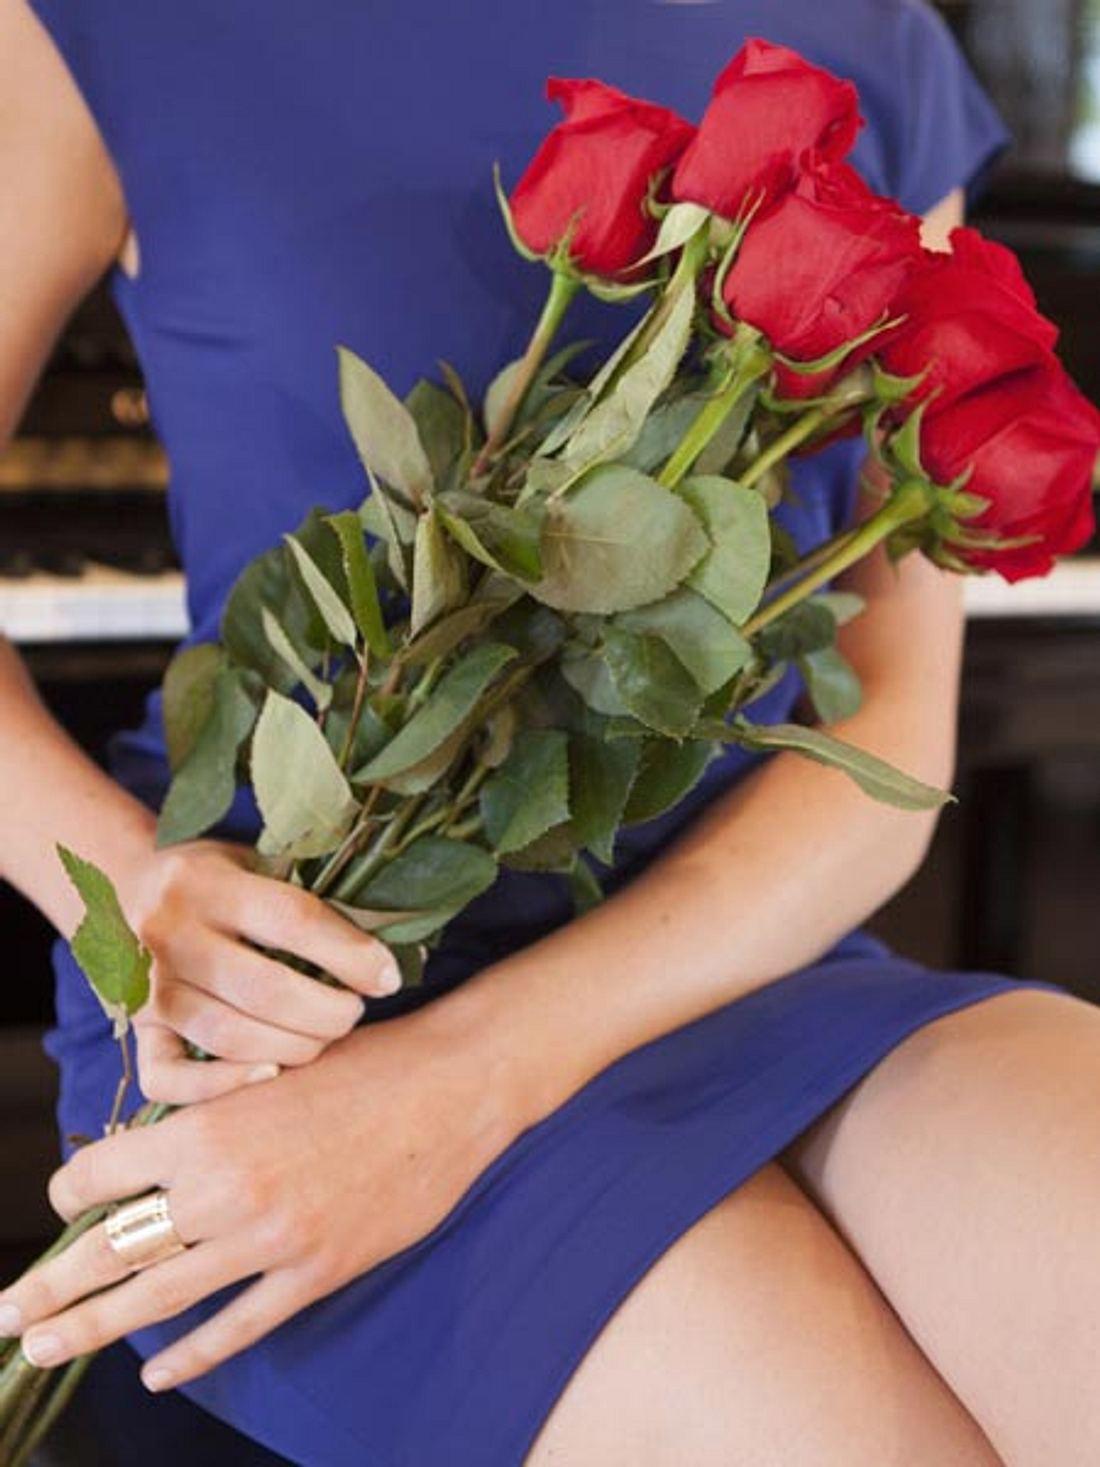 Verteilen bei RTL bald zwei Frauen rote Rosen?